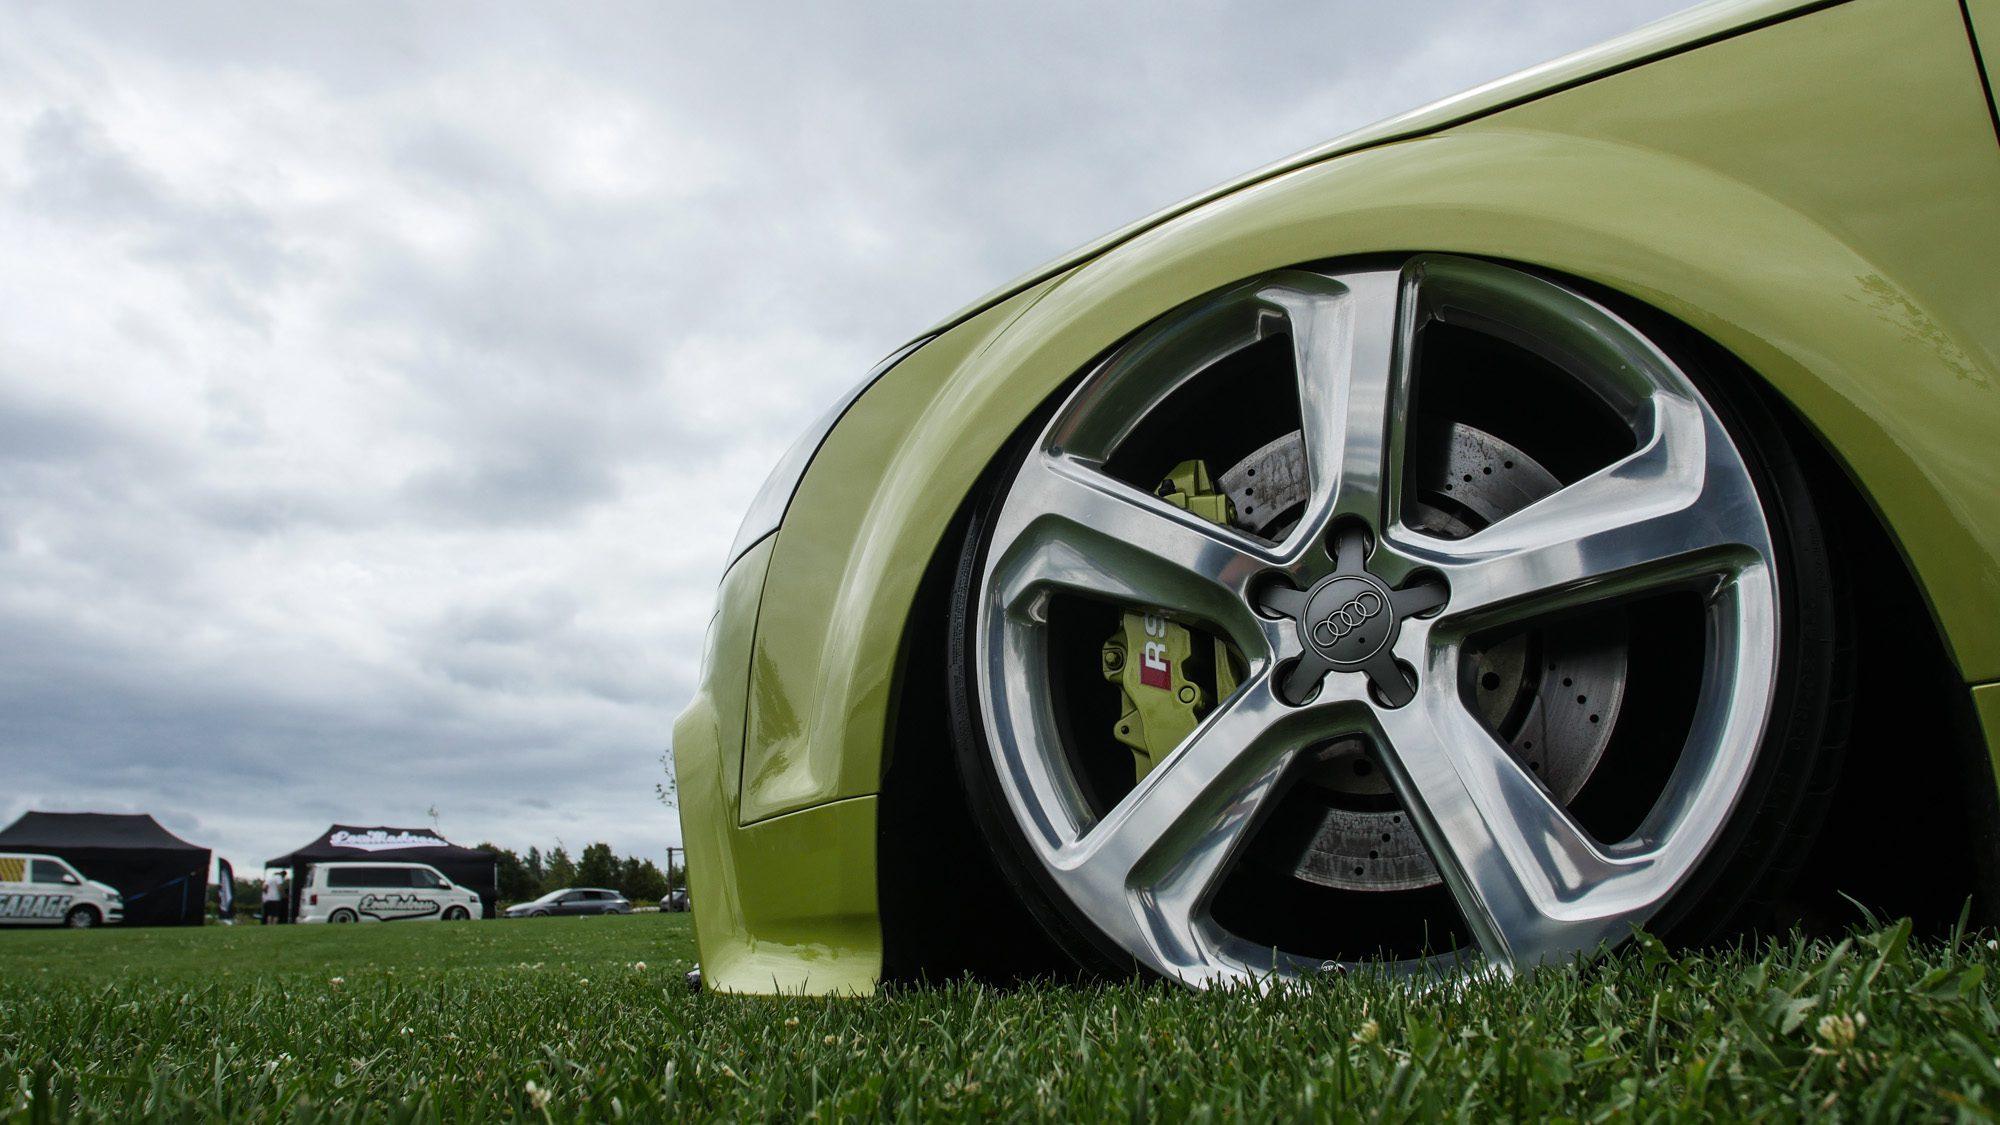 Von der Wiese magisch angezogen: Audi TT